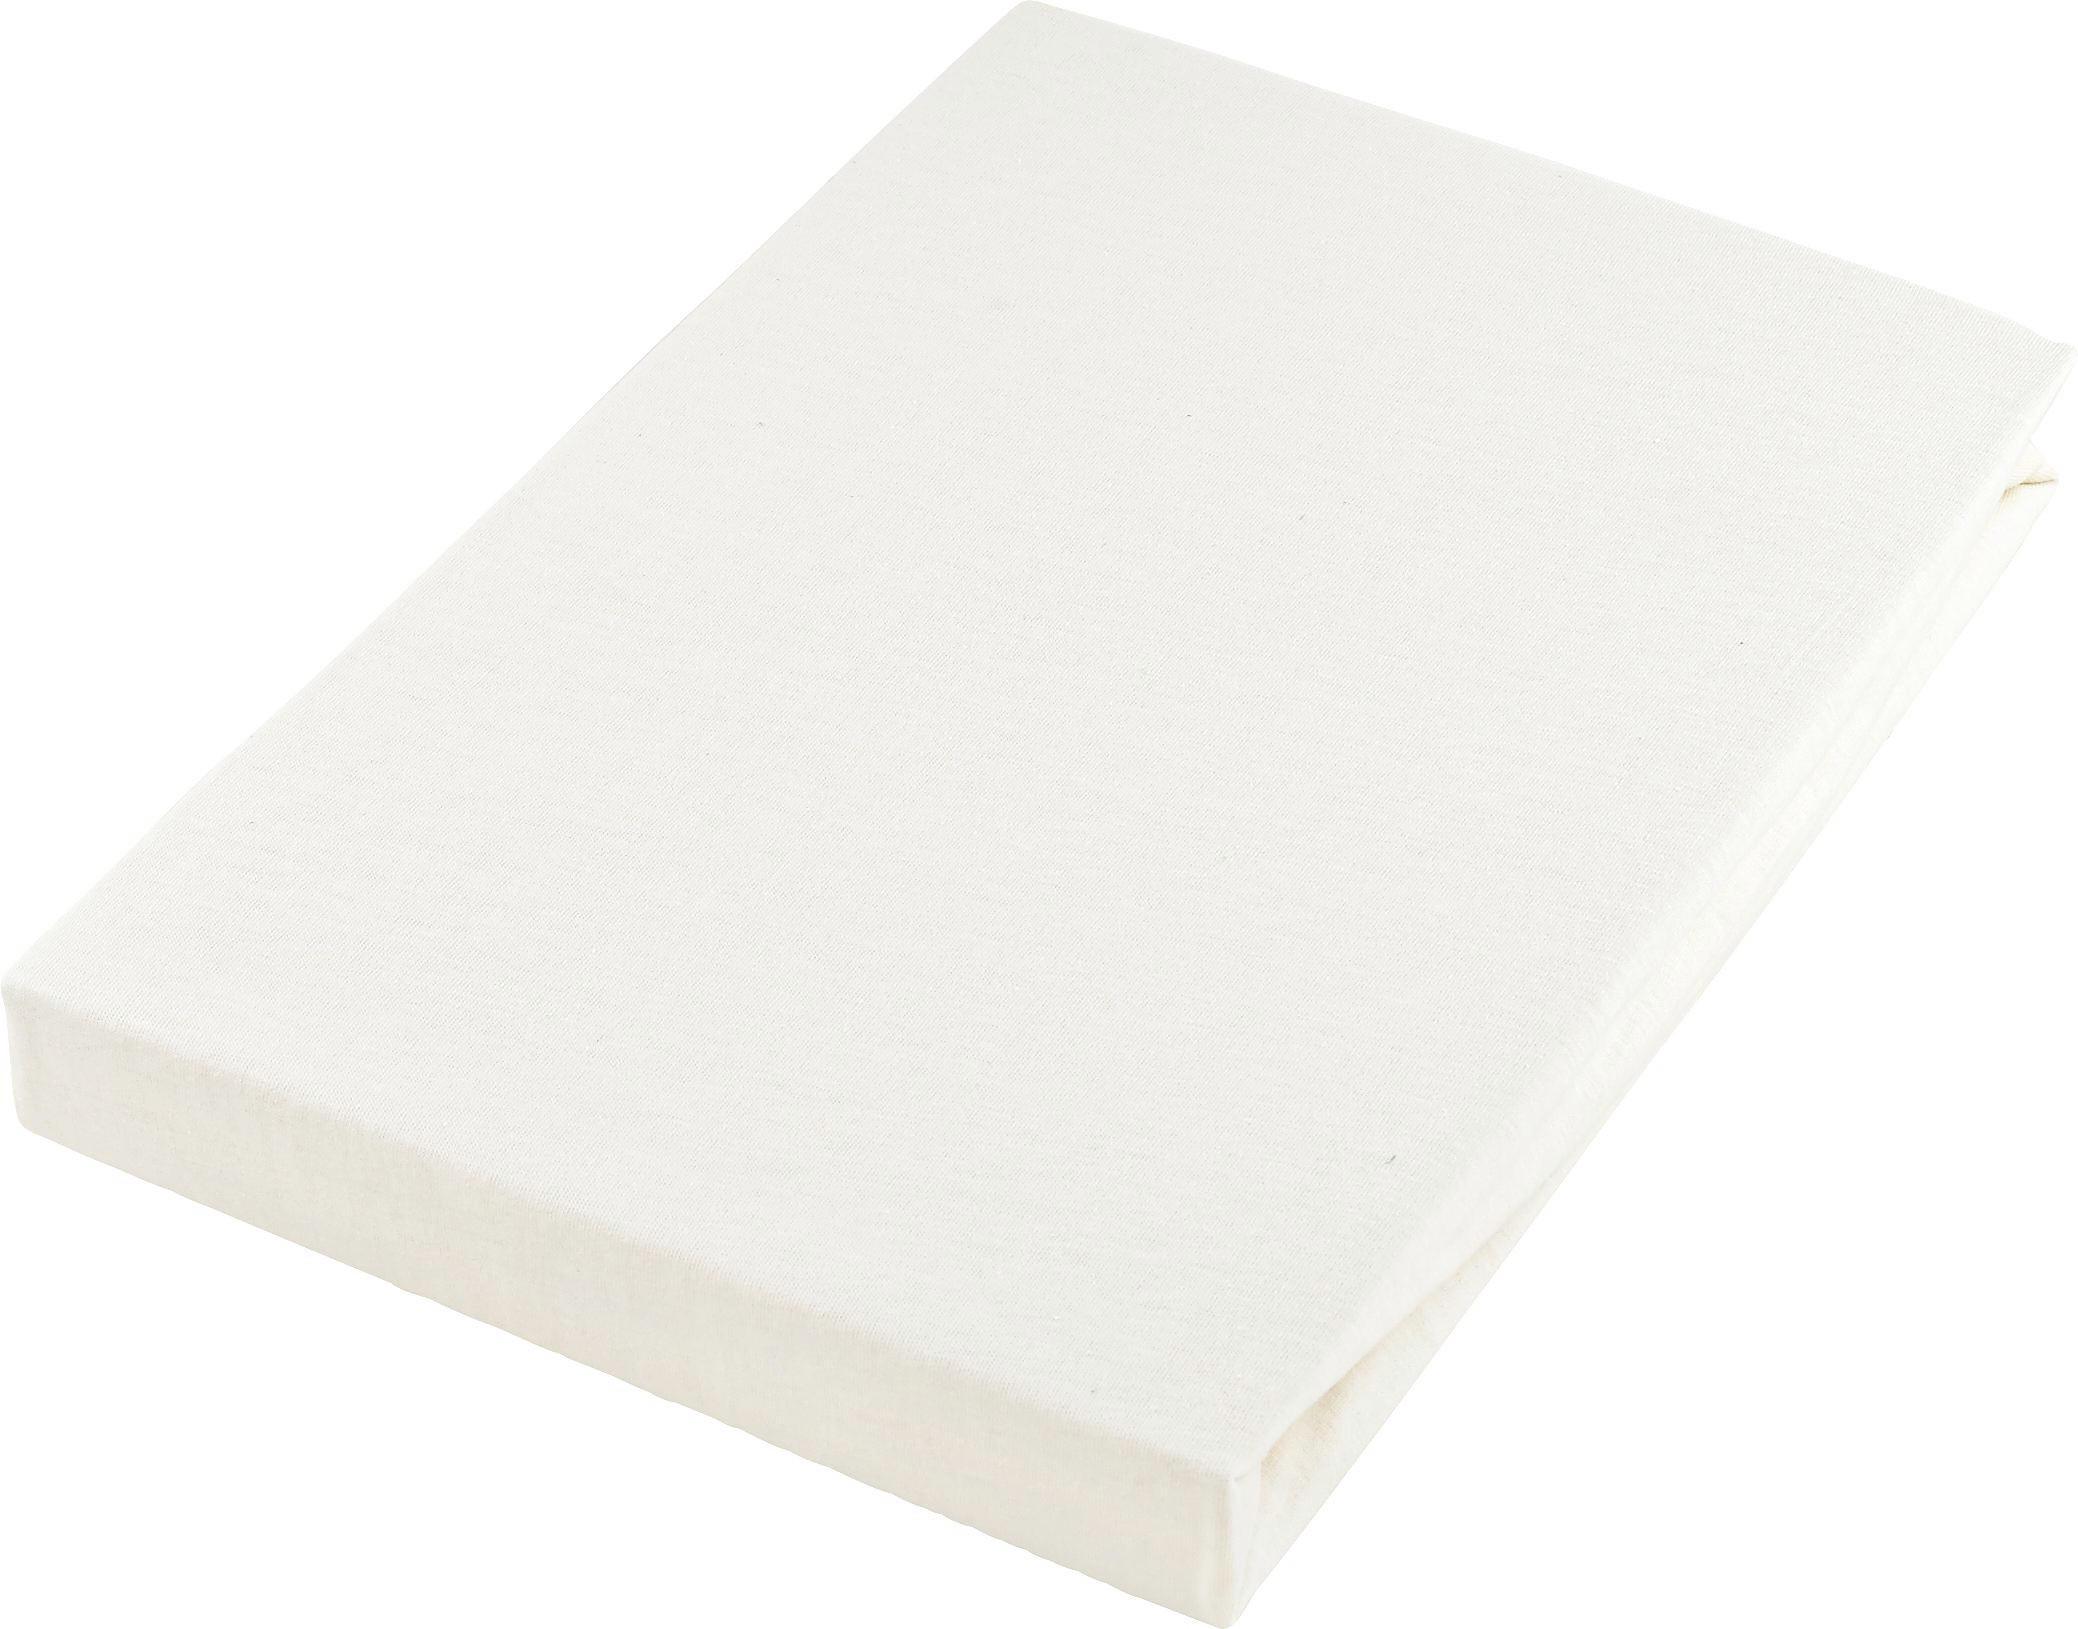 DRA-PÅ-LAKAN - creme, Basics, textil (180/200cm) - BOXXX